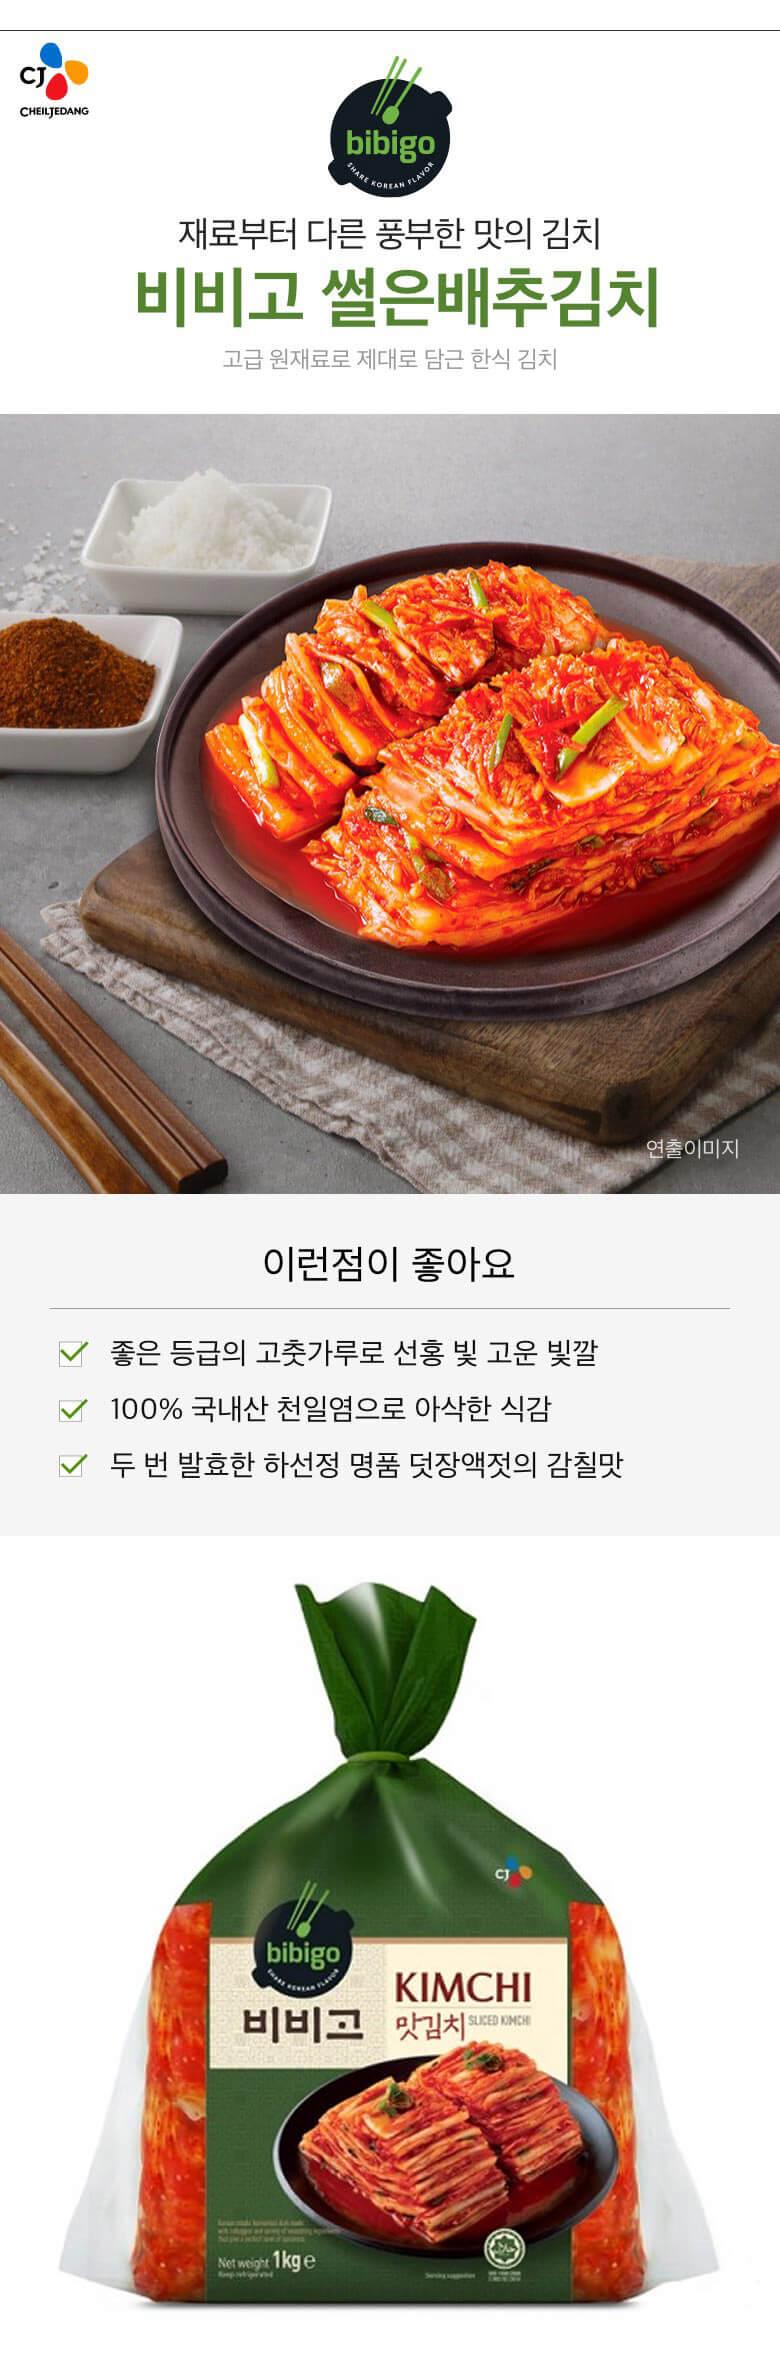 韓國食品-[CJ] Bibigo Sliced Kimchi 1kg